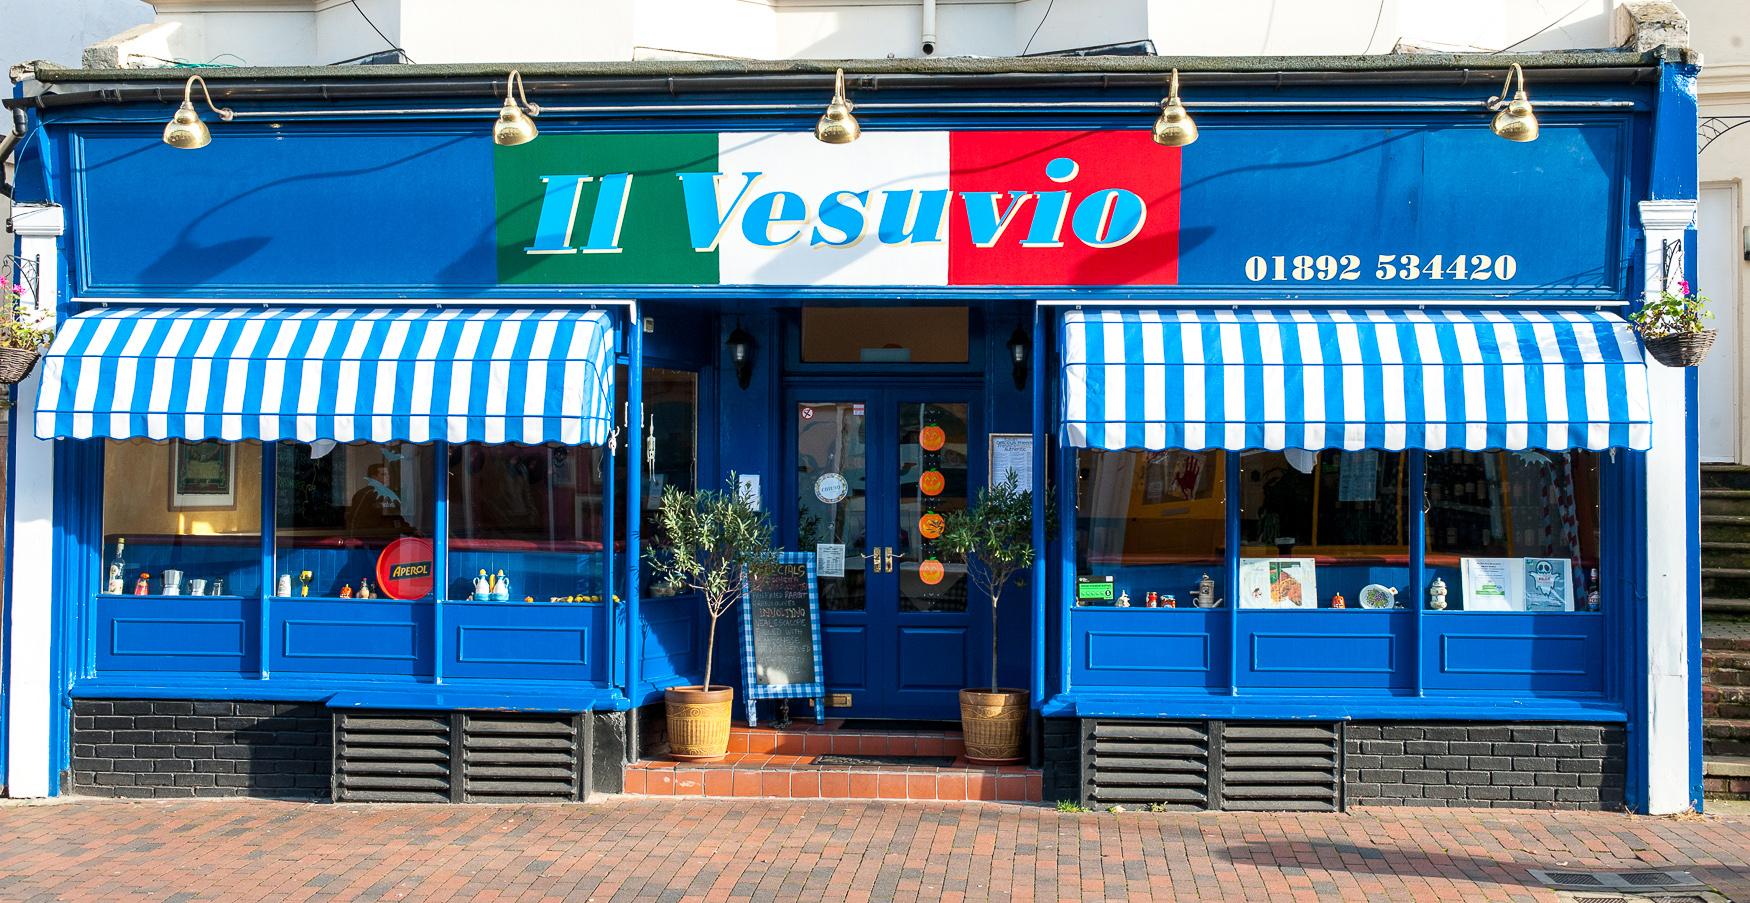 Il Vesuvio Italian restaurant in Royal Tunbridge Wells